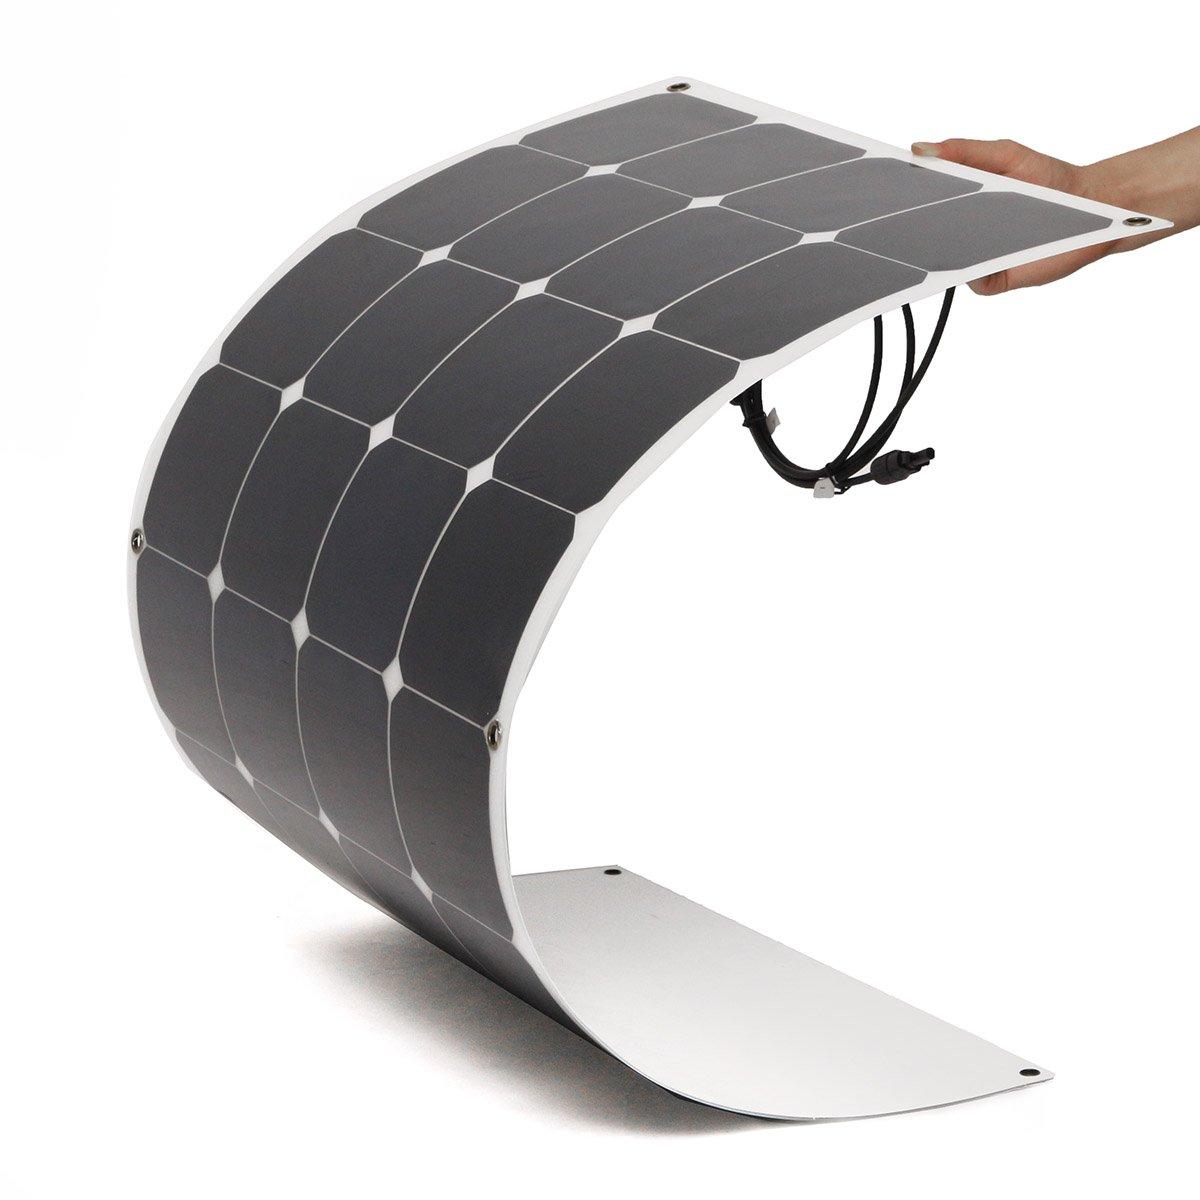 高速配送 Prament 100 w Prament w v 半フレキシブルソーラーパネル v 10a 12 v 24 v ソーラーコントローラー B07G7C4KSQ, ORIGINAL PRINT CloveR:d31bbd4d --- itourtk.ru